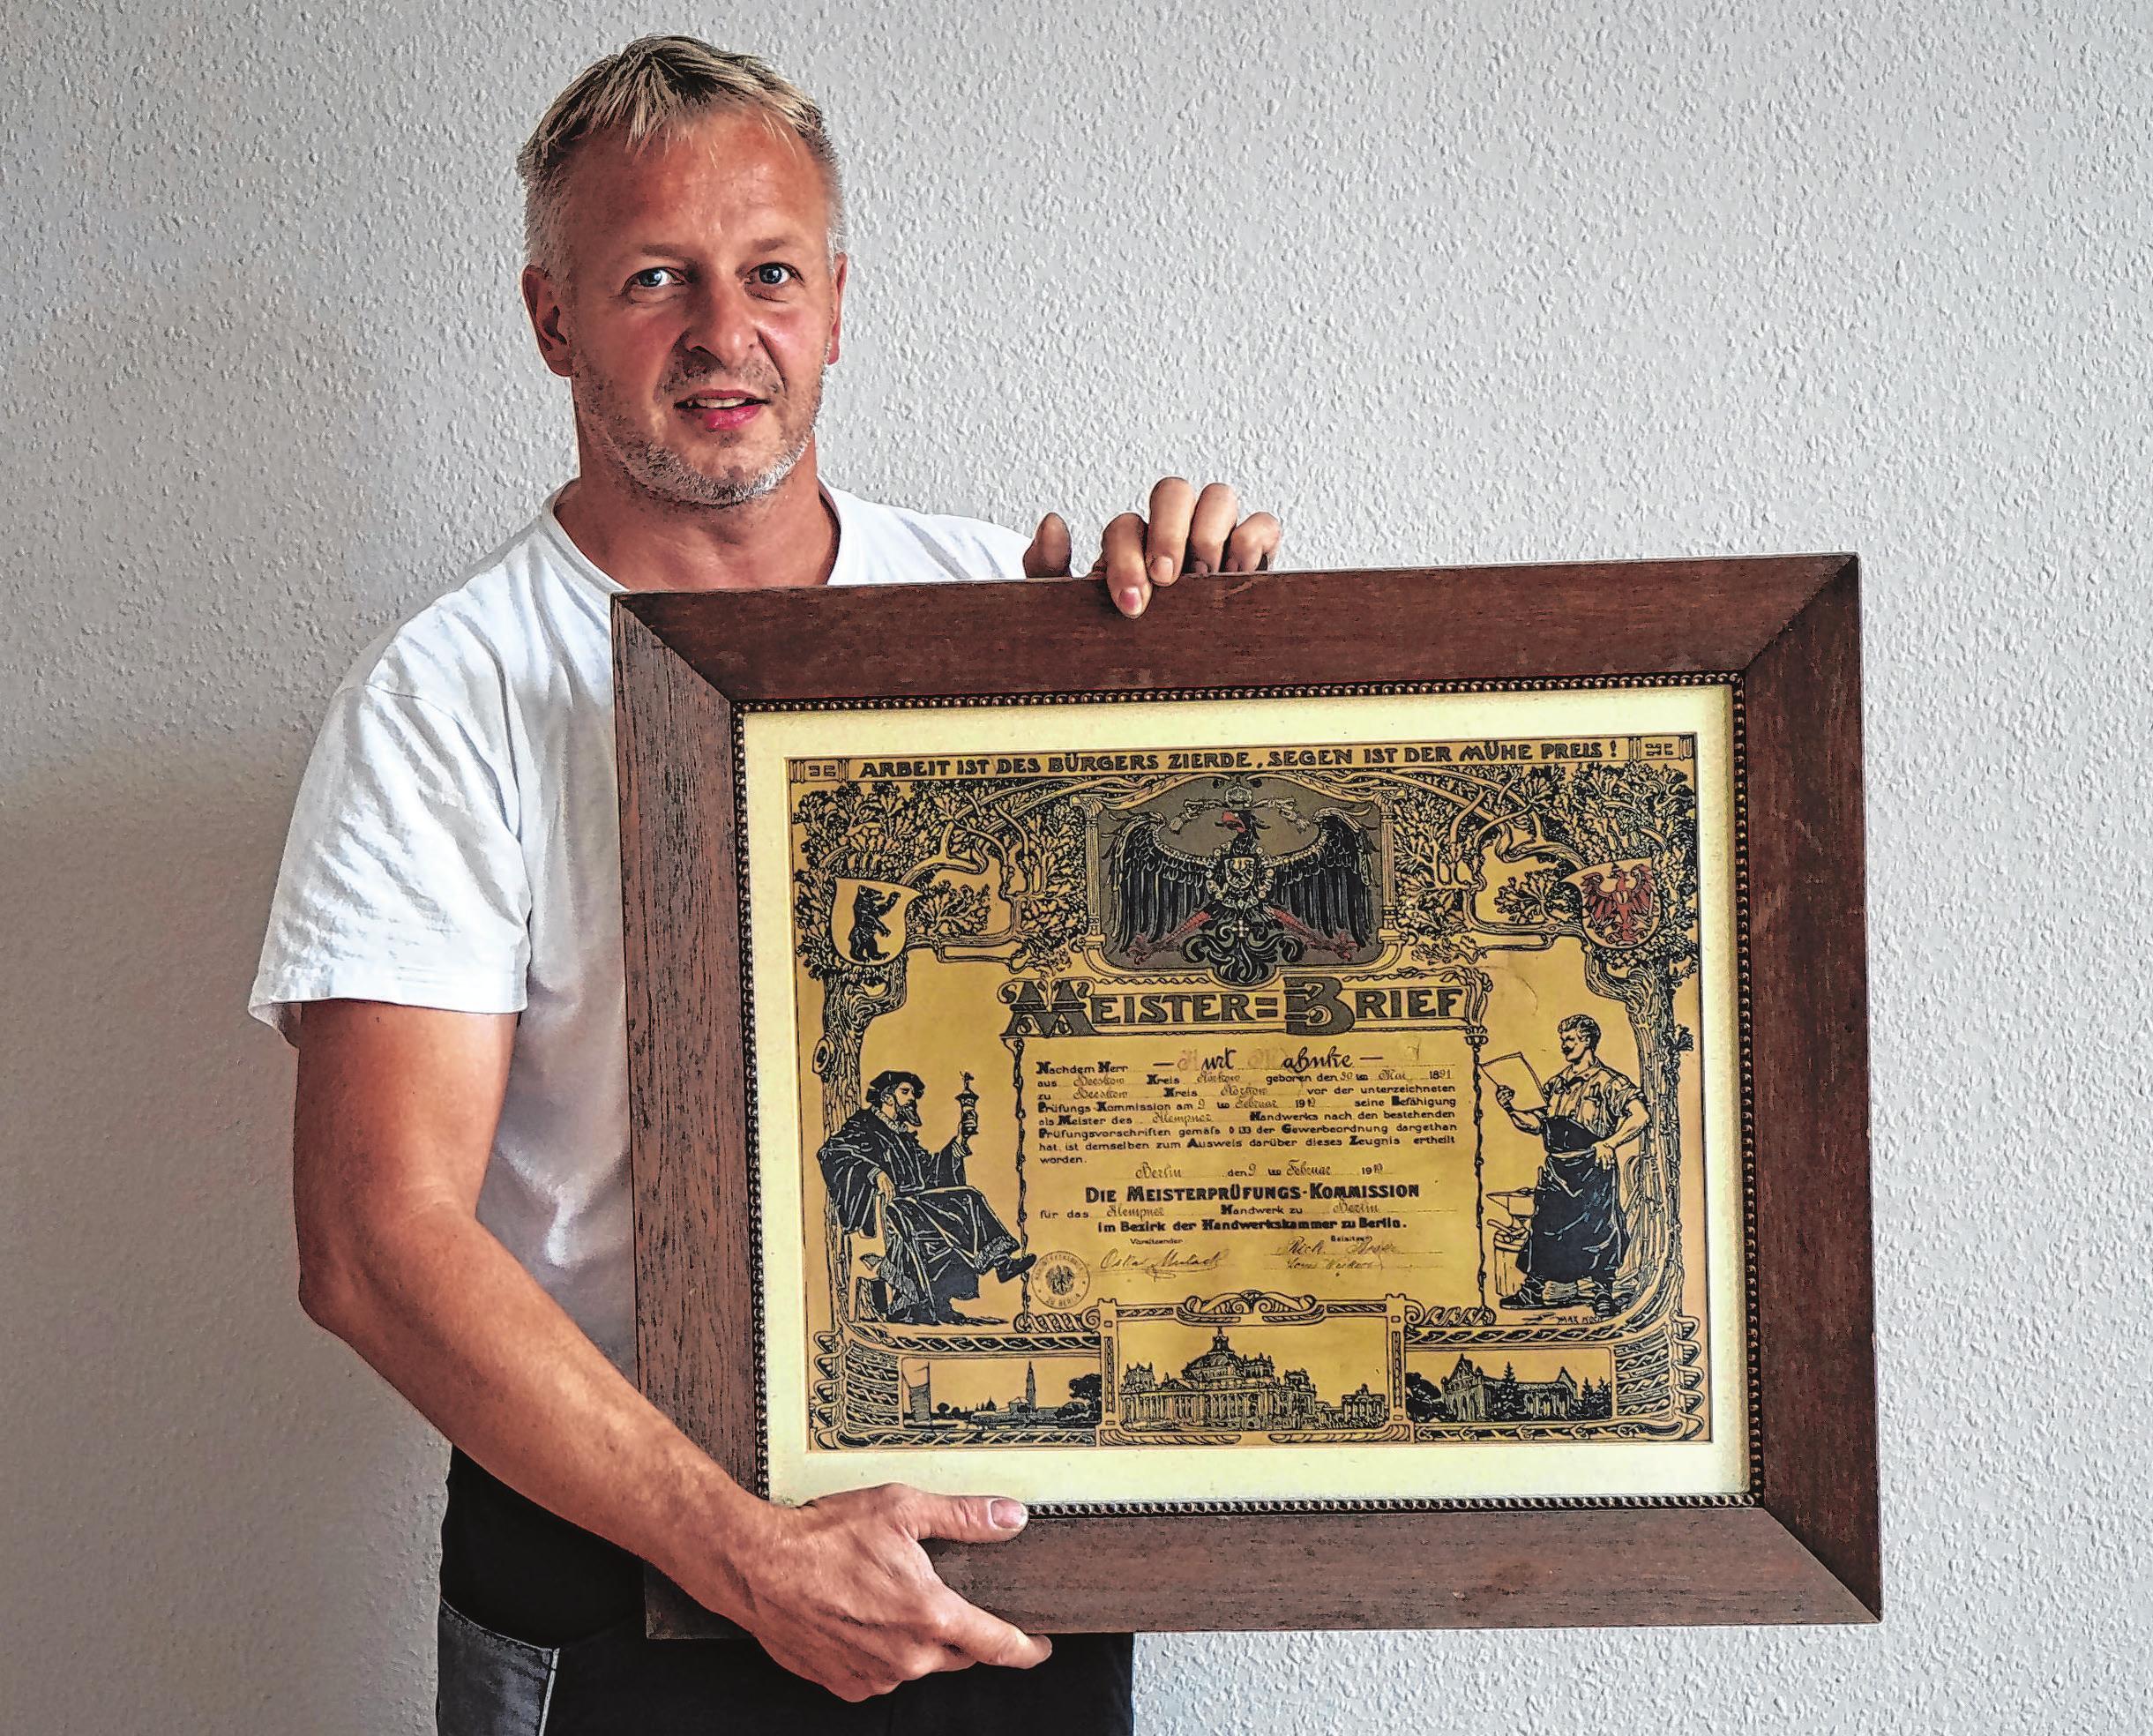 Michael Kraemer mit dem Meisterbrief, den der Sohn des Firmengründers im Jahr 1919 erhielt. Foto: Andrea Steinert